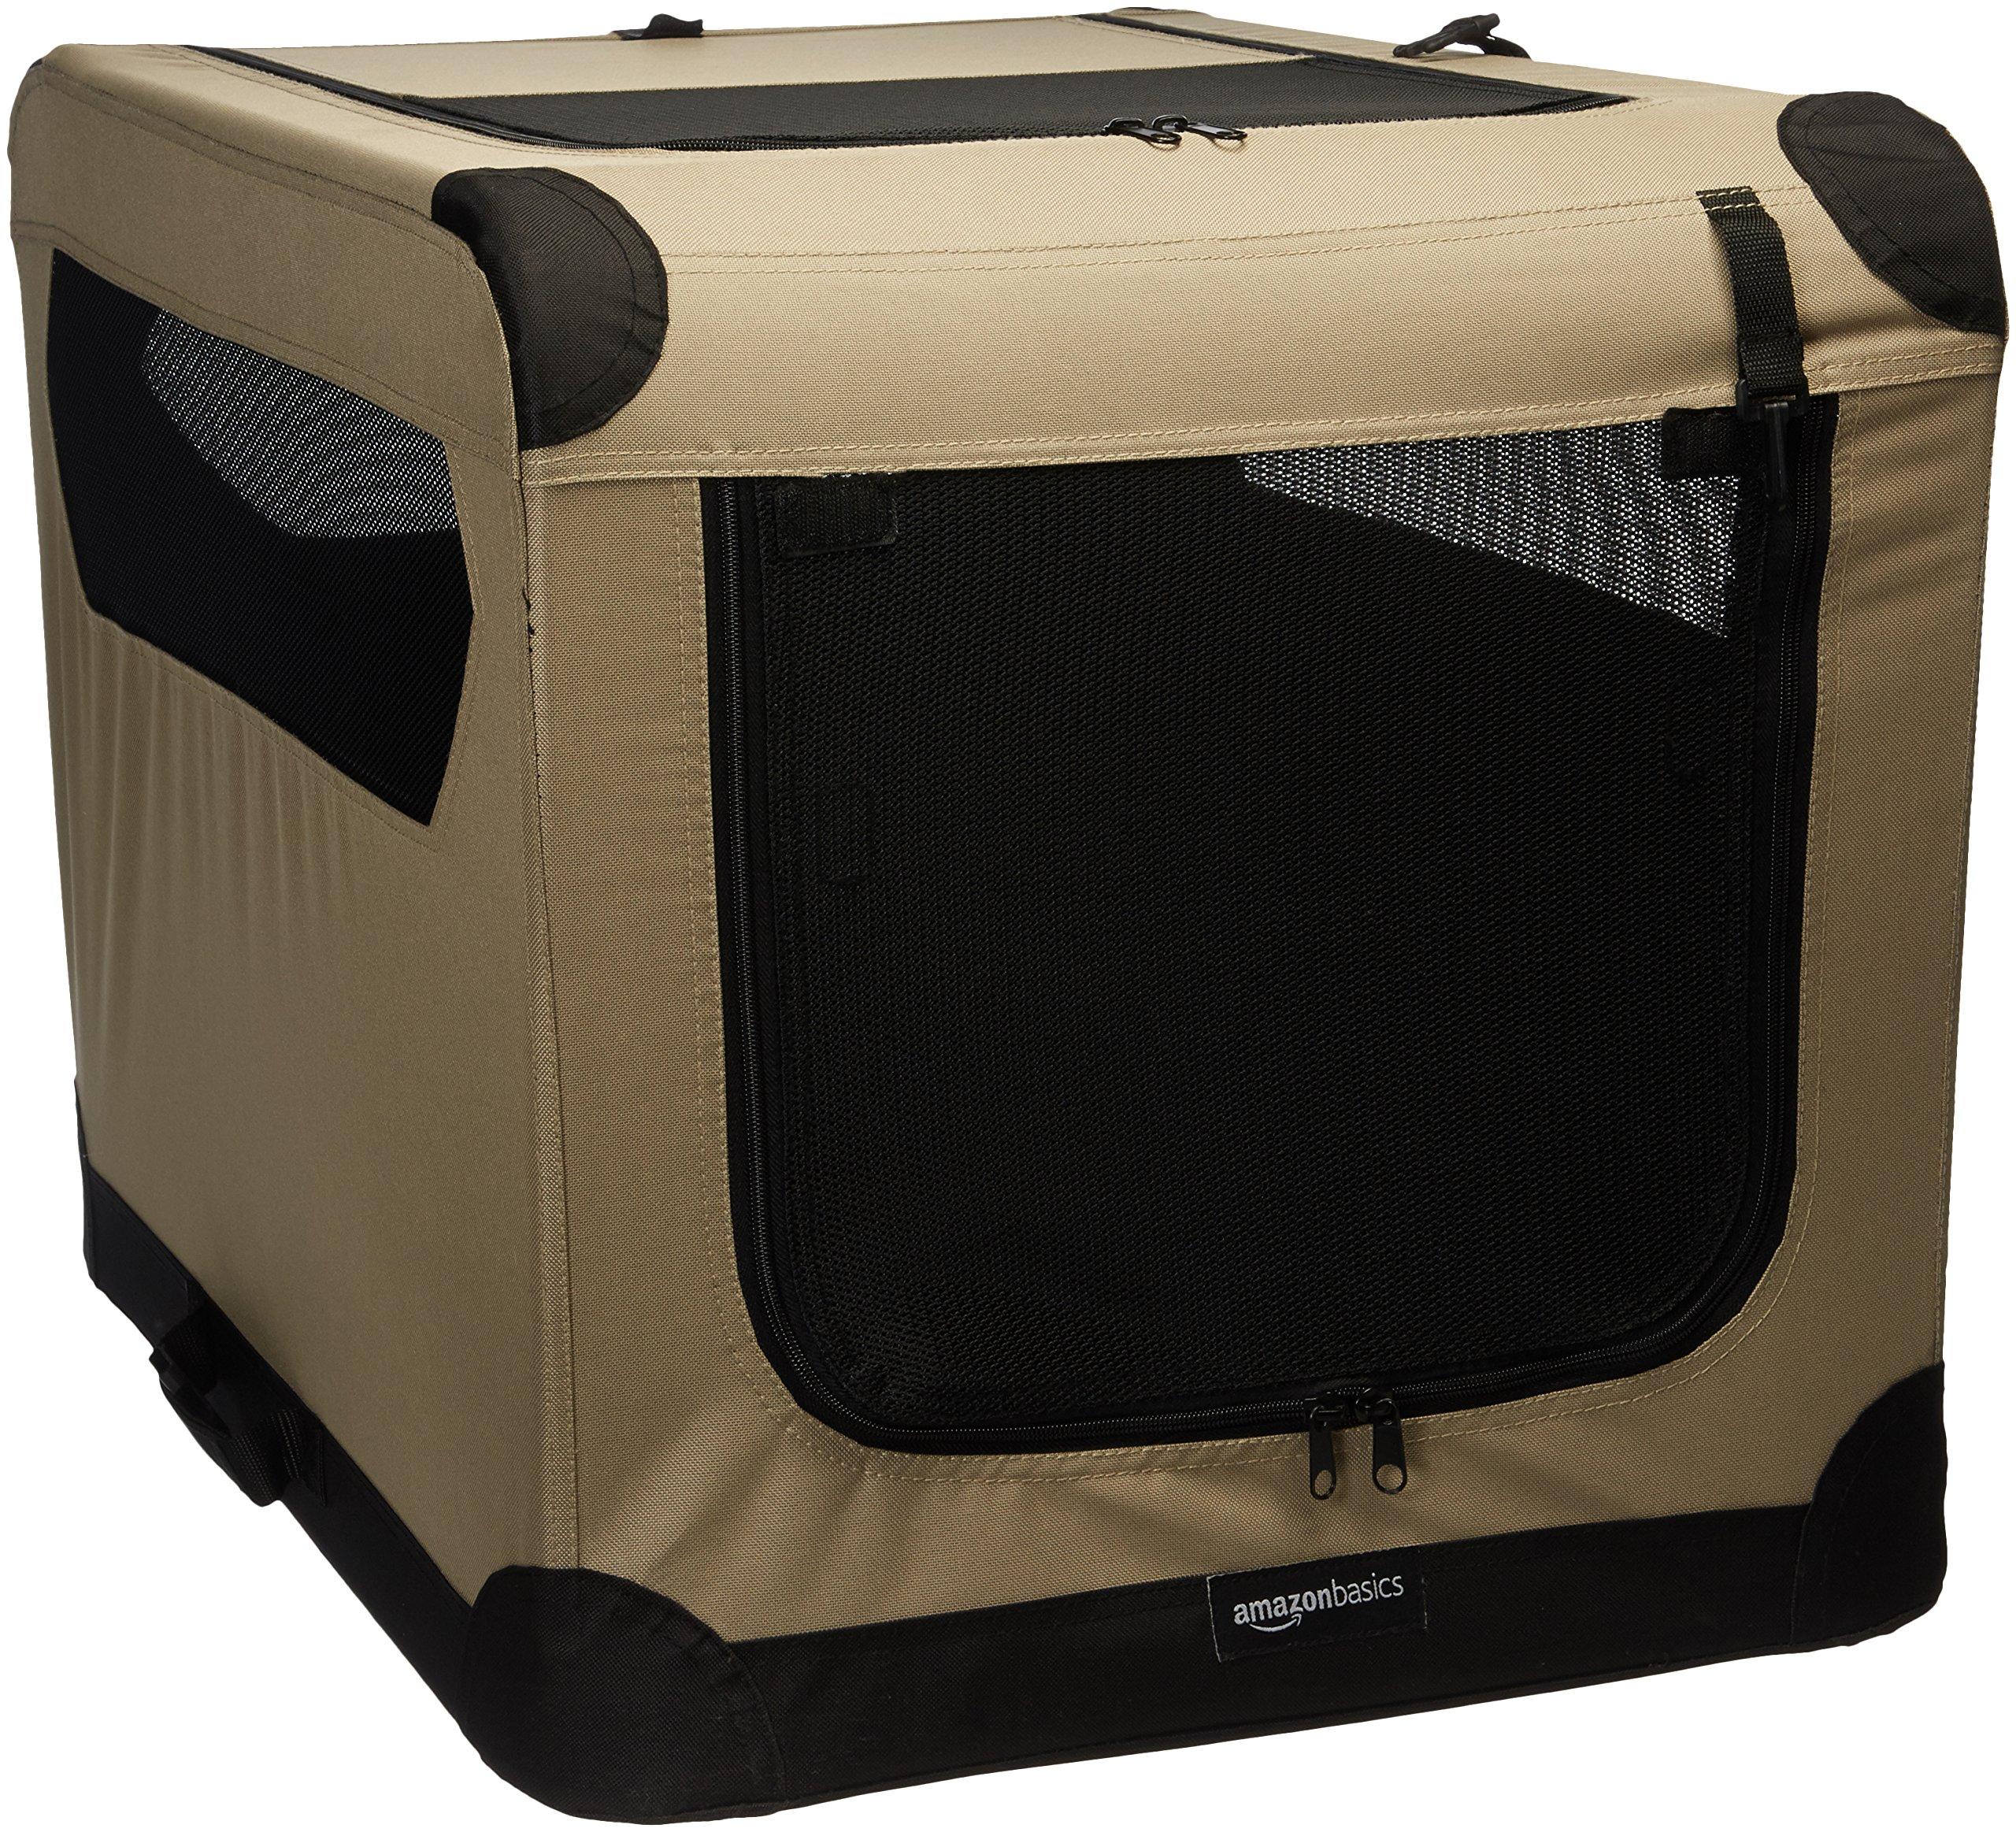 AmazonBasics Folding Soft Dog Crate, 30''